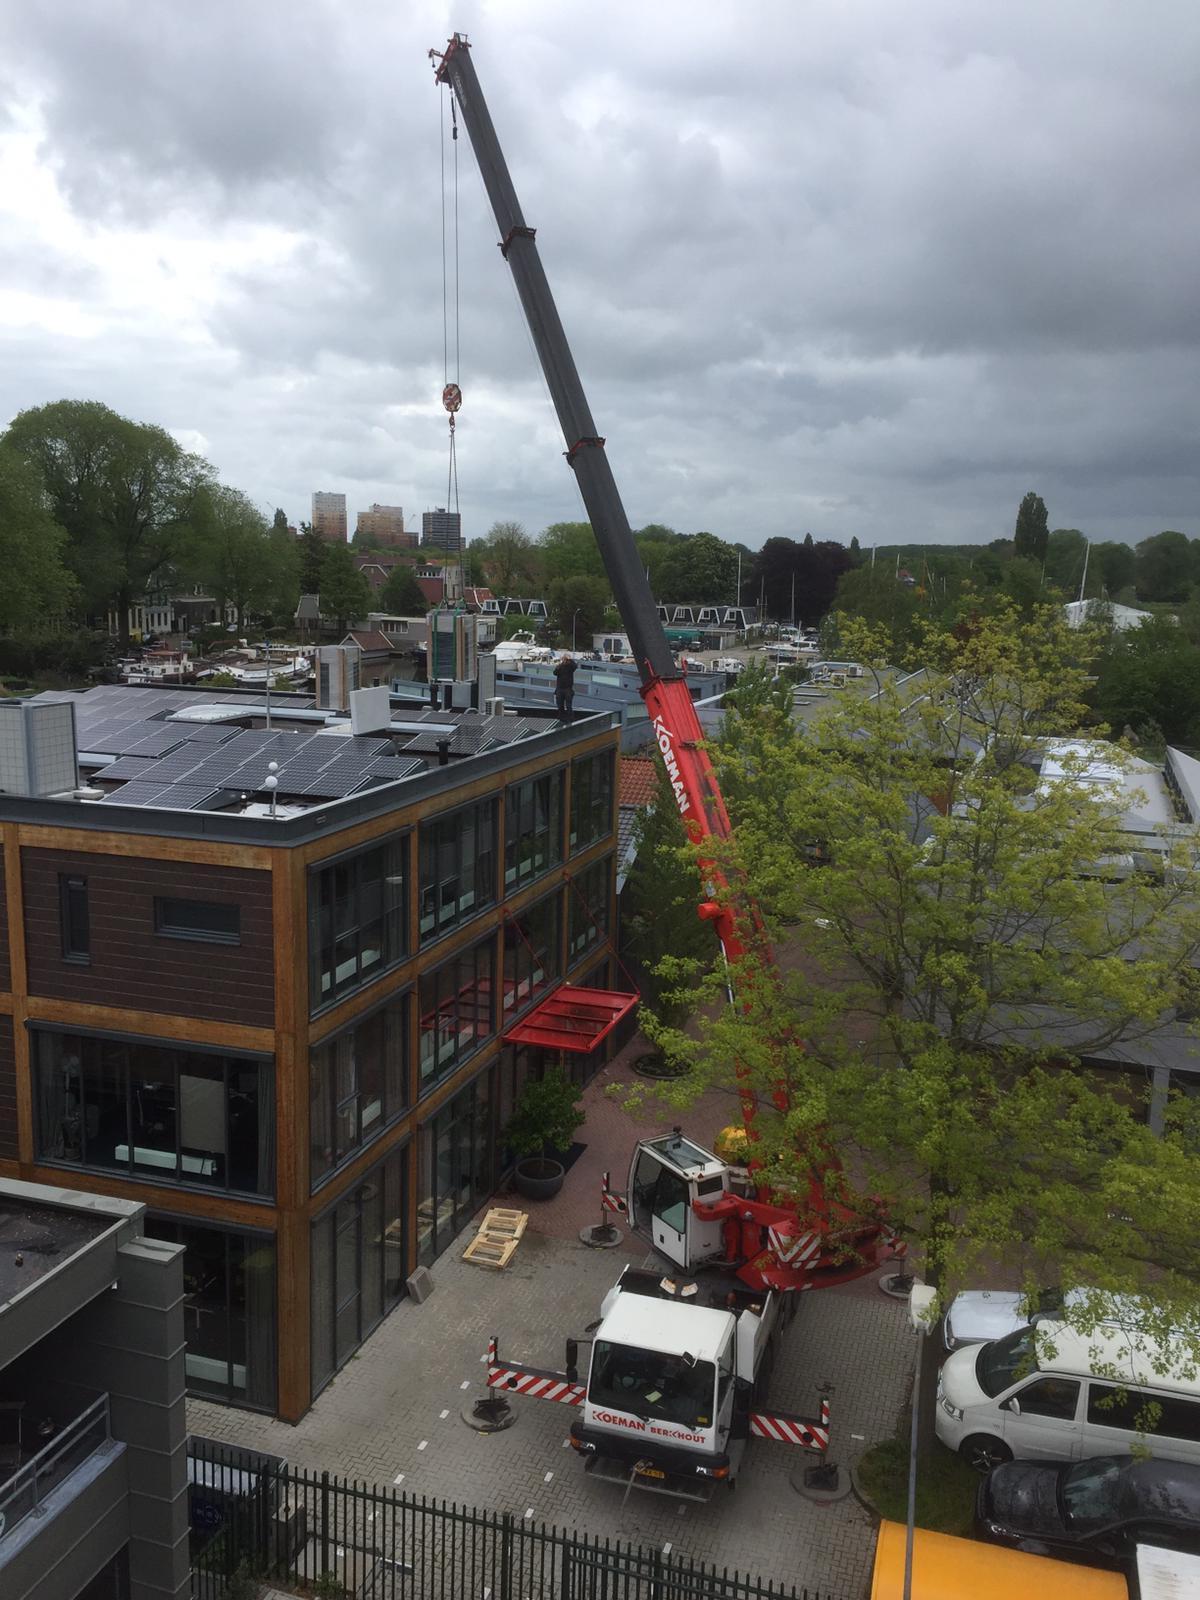 Spruijt Klimaat - Hoogwerker Amsterdam airco VRV systeem Spruijt Klimaat